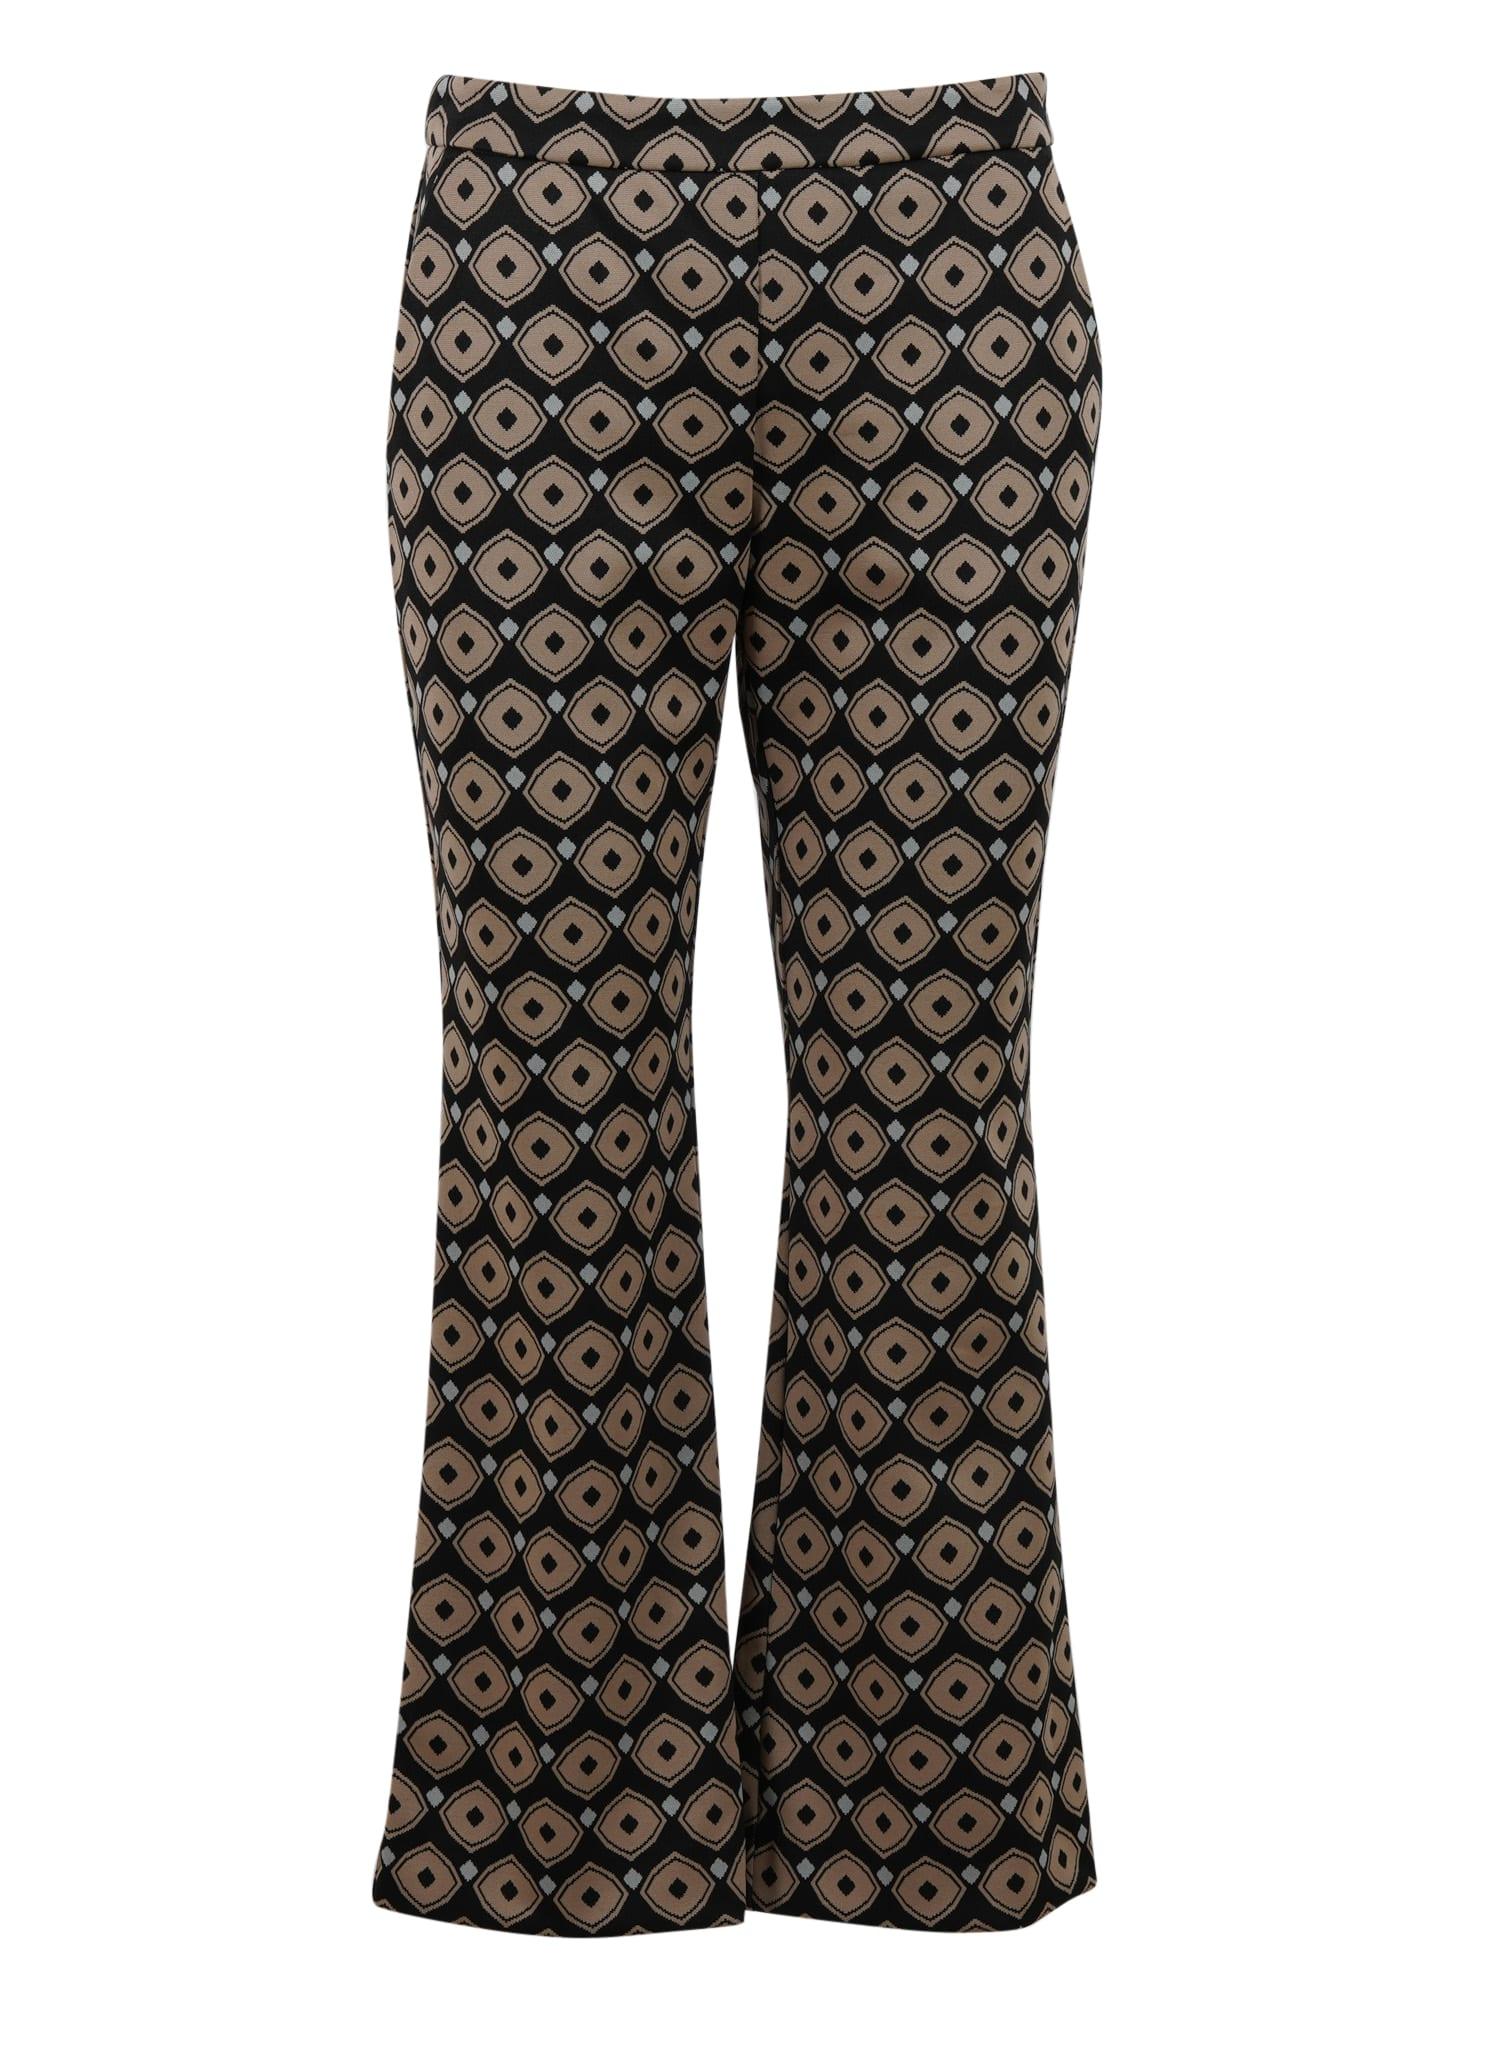 Pantalone Archizoom Trousers